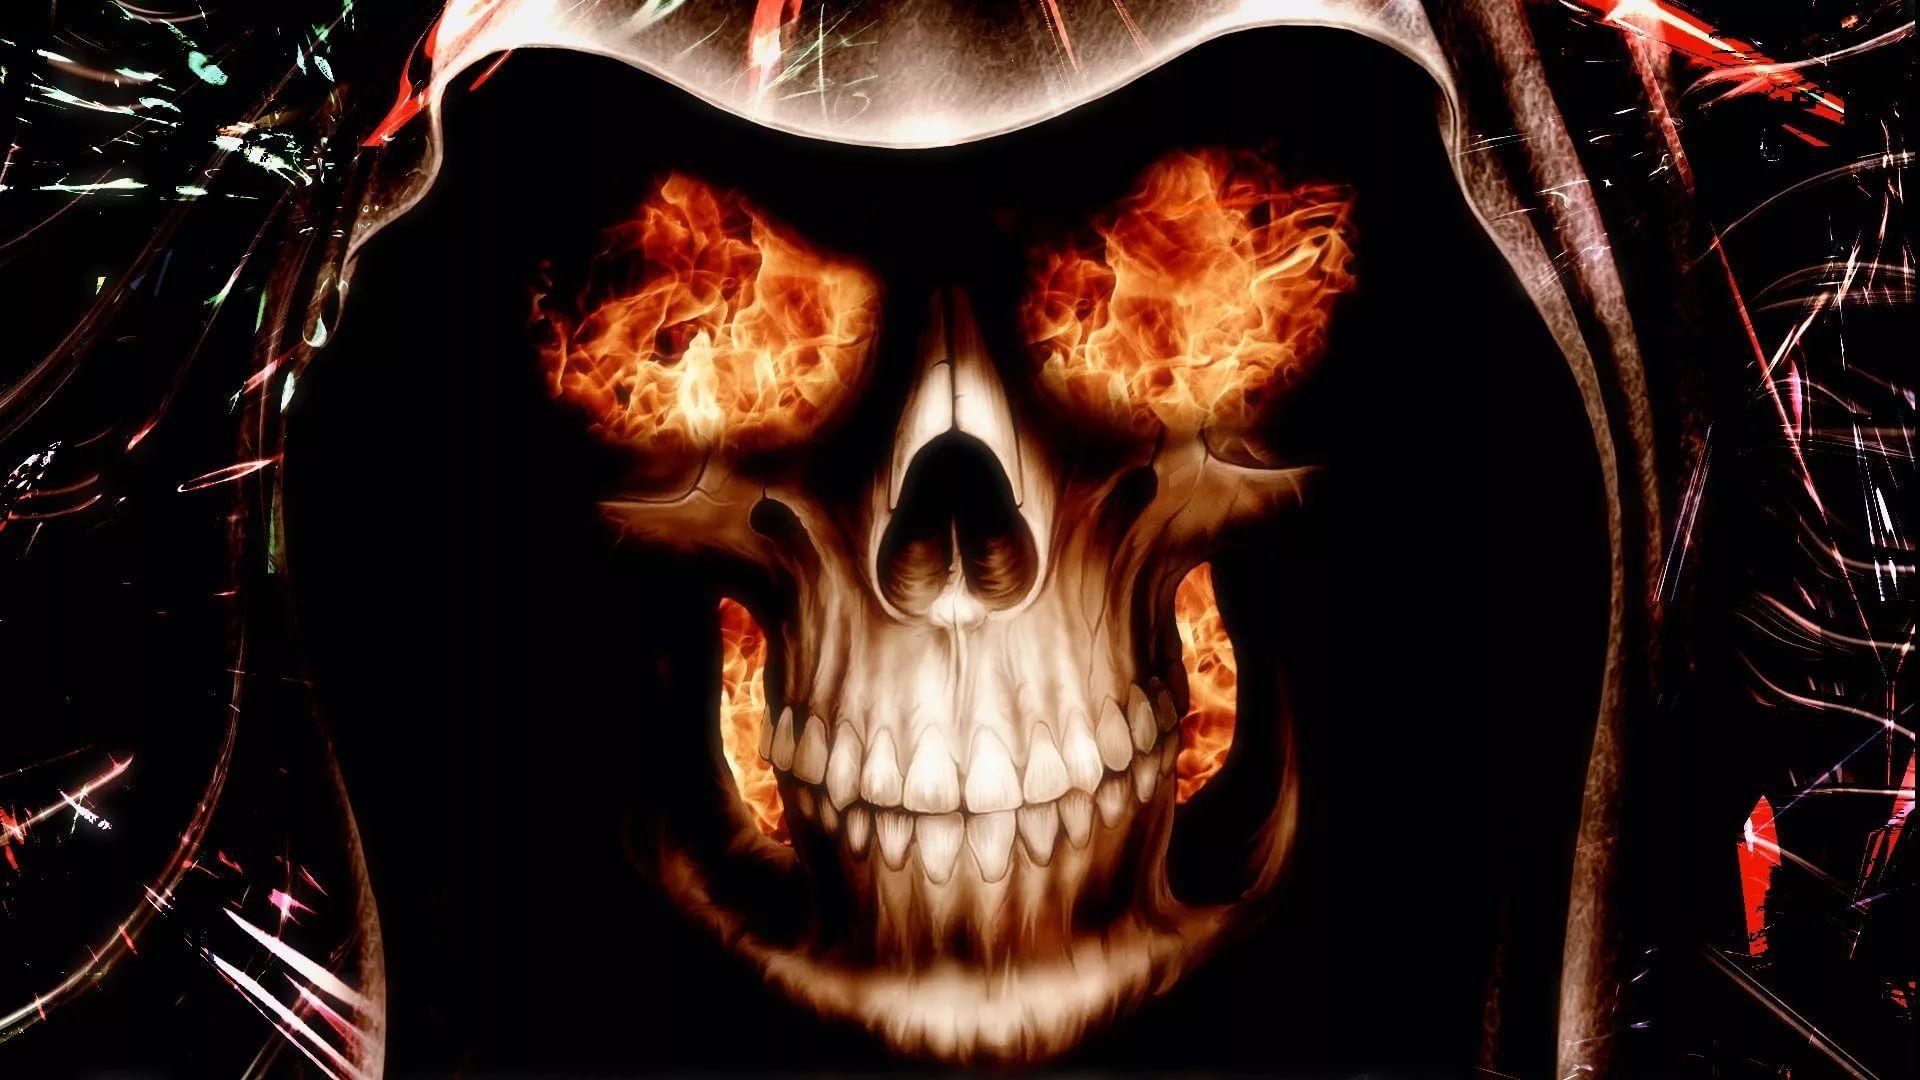 Flaming Skull good wallpaper hd